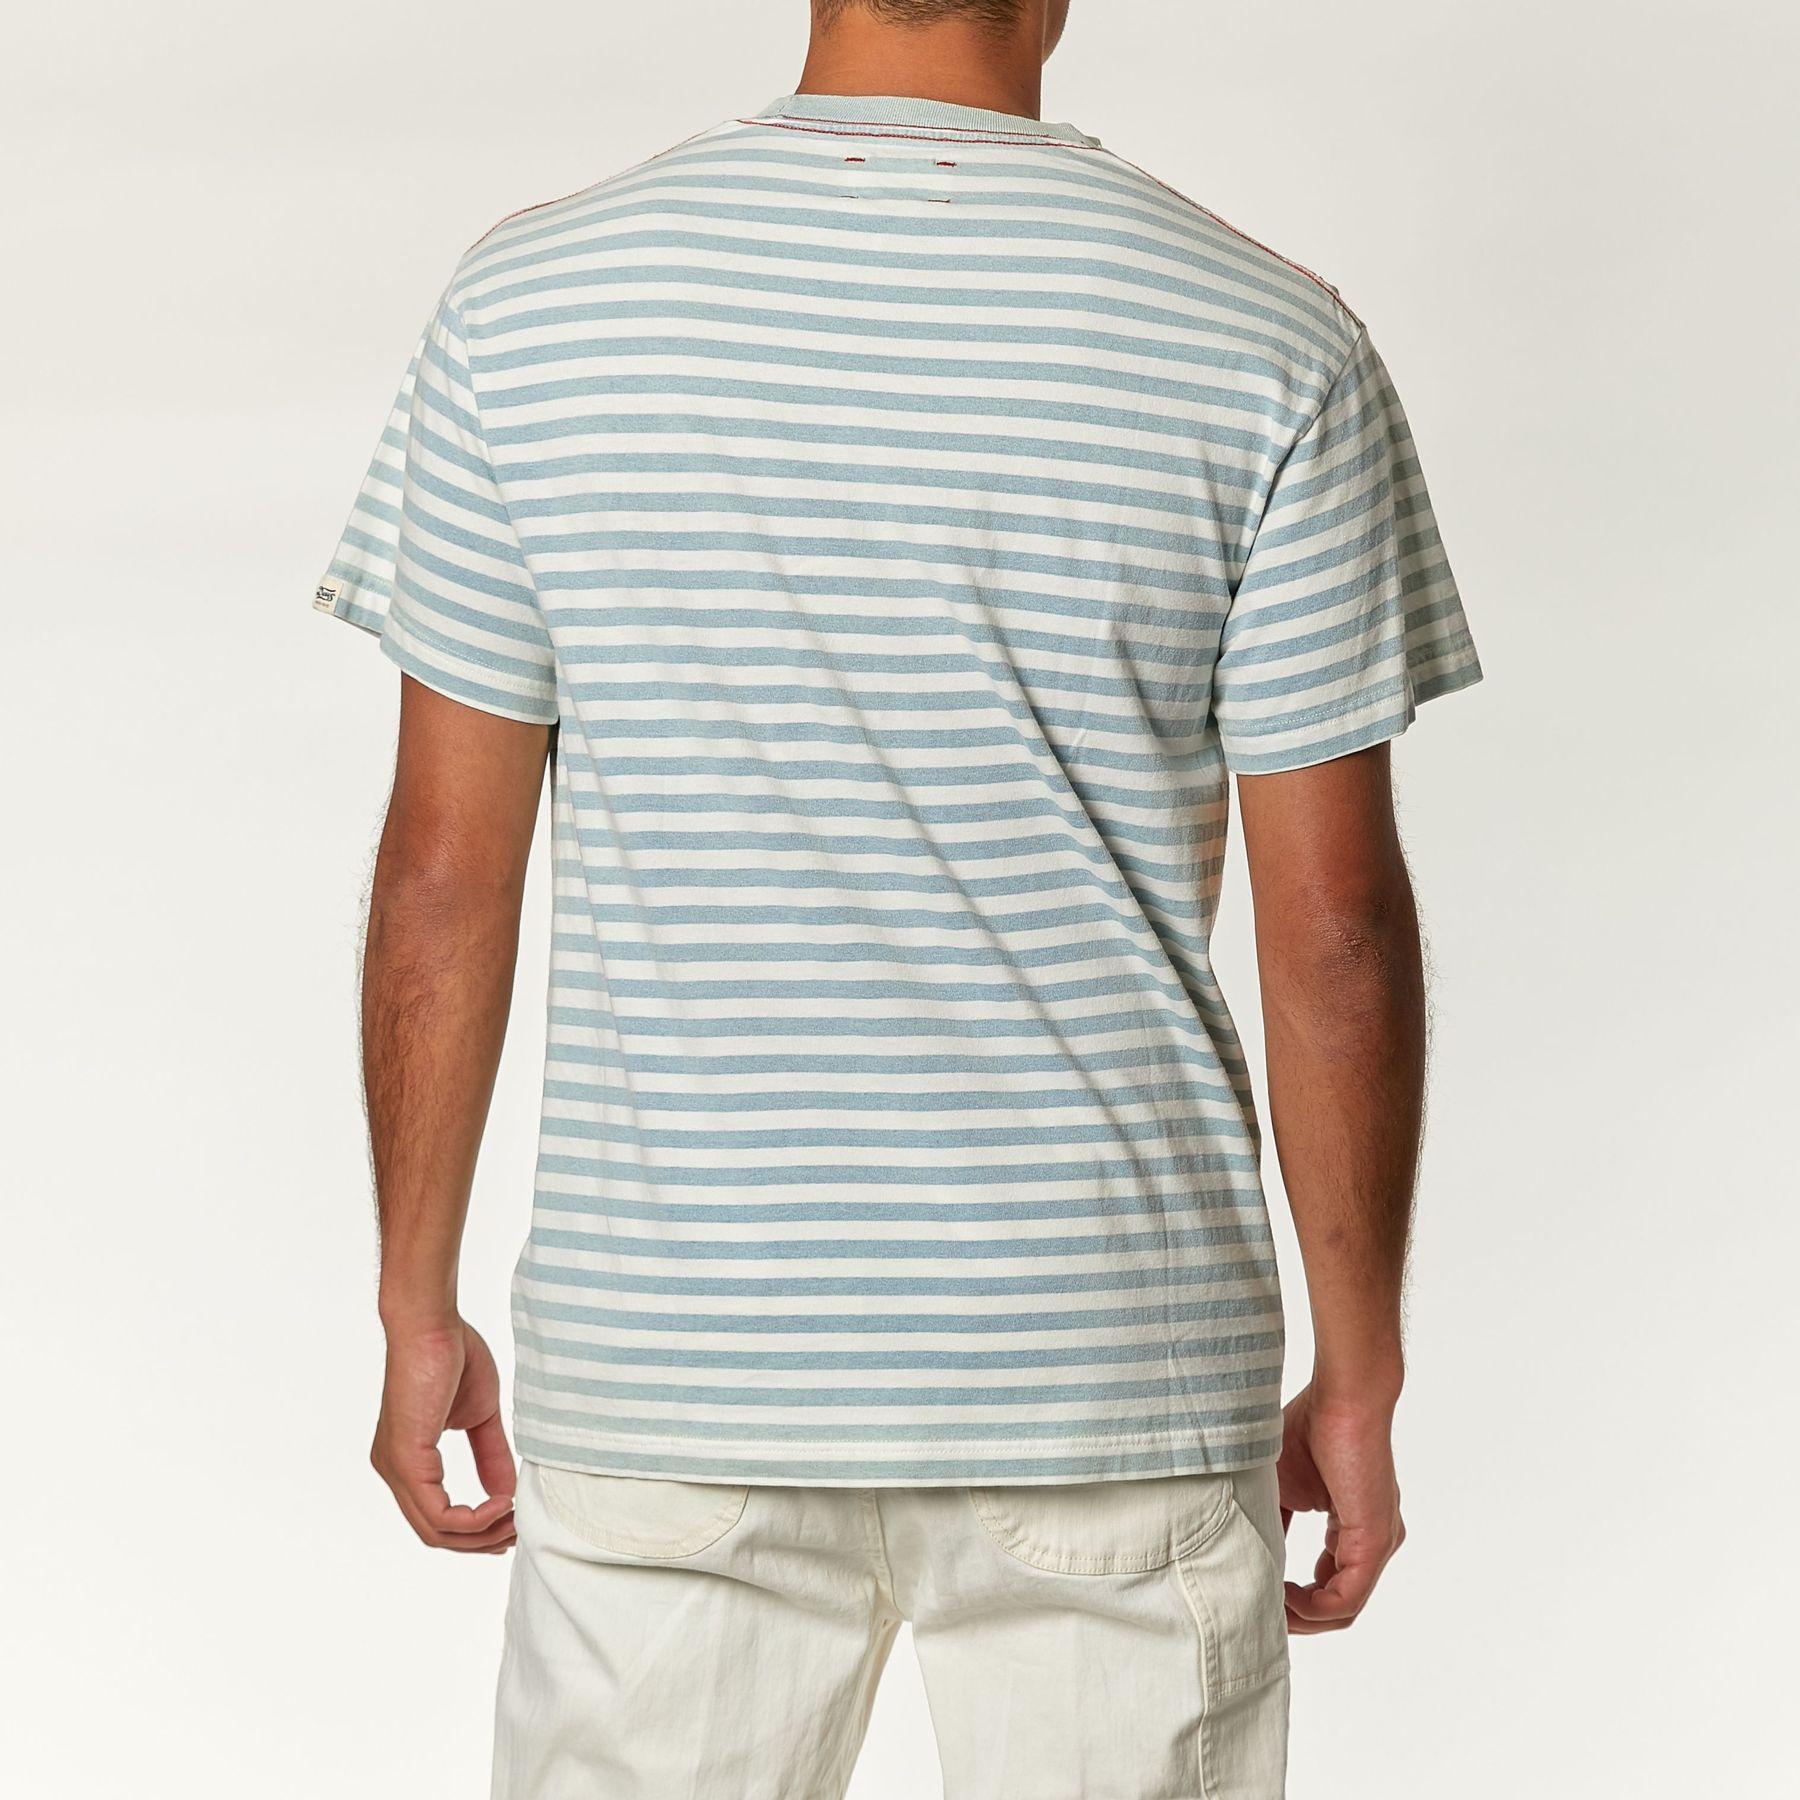 Camiseta indigo stripe deus ex machina